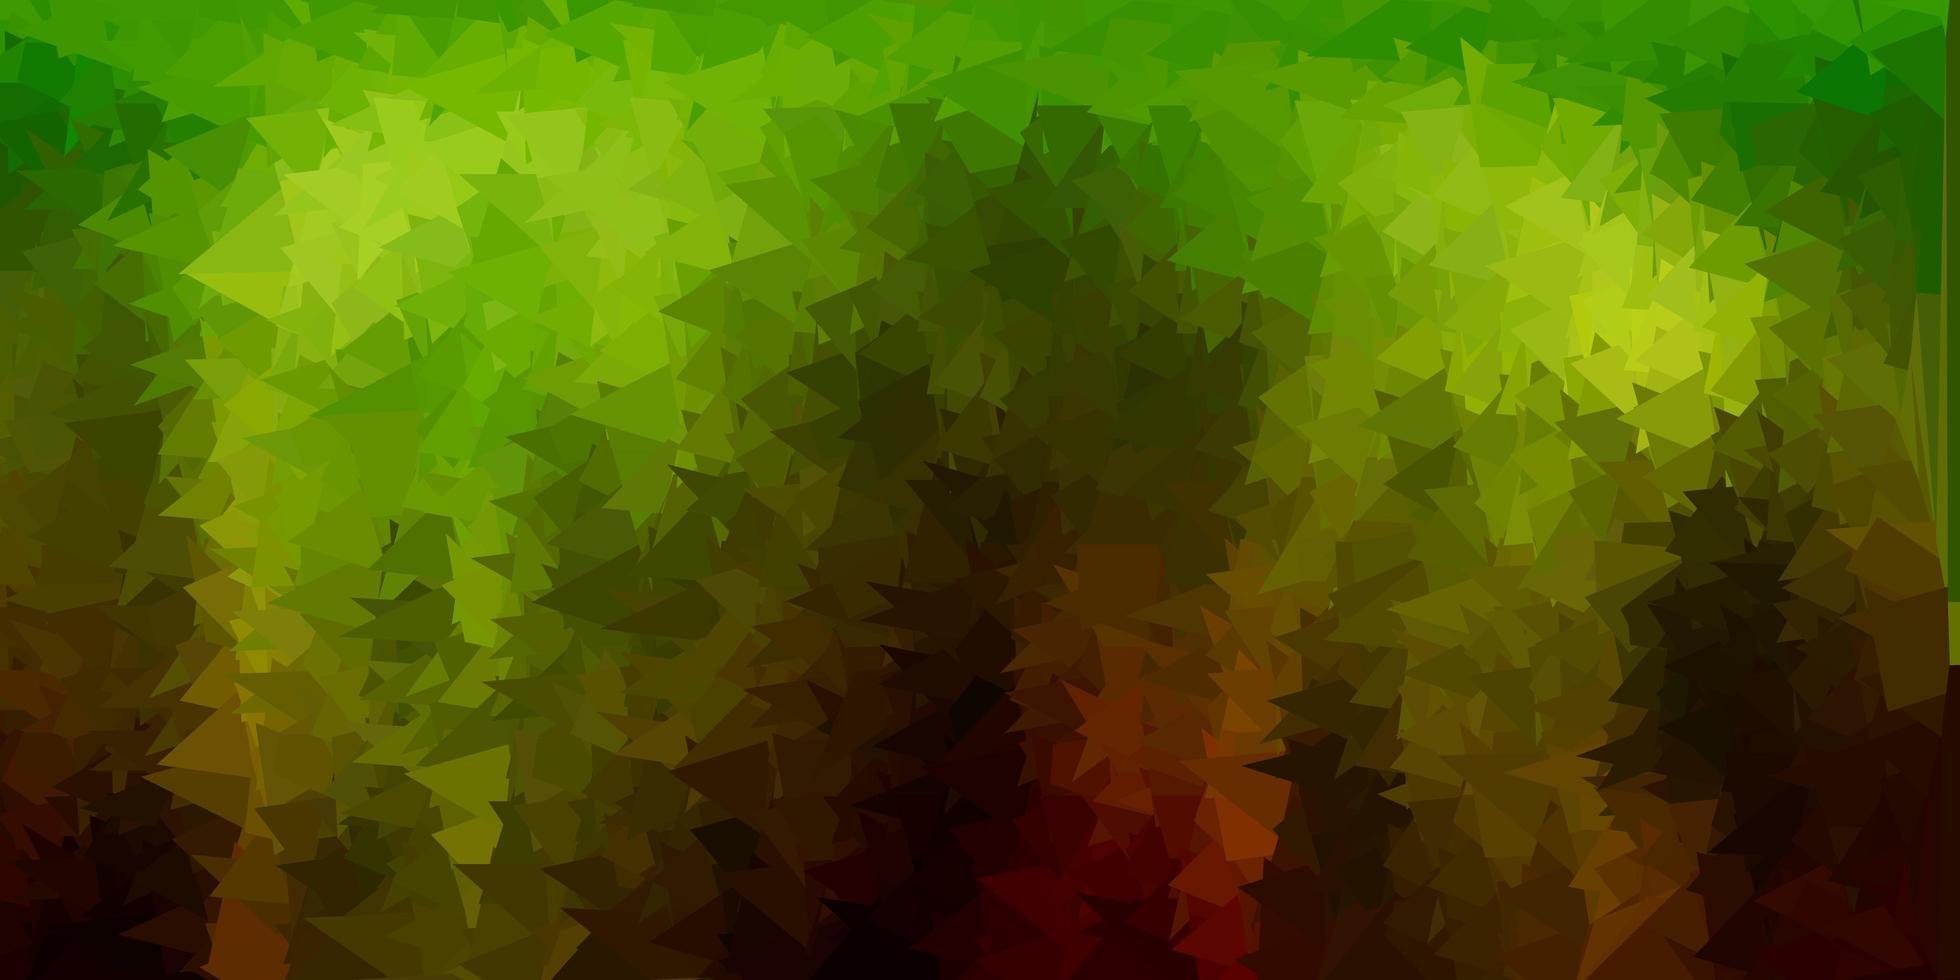 mörkgrön, gul vektor abstrakt triangelstruktur.